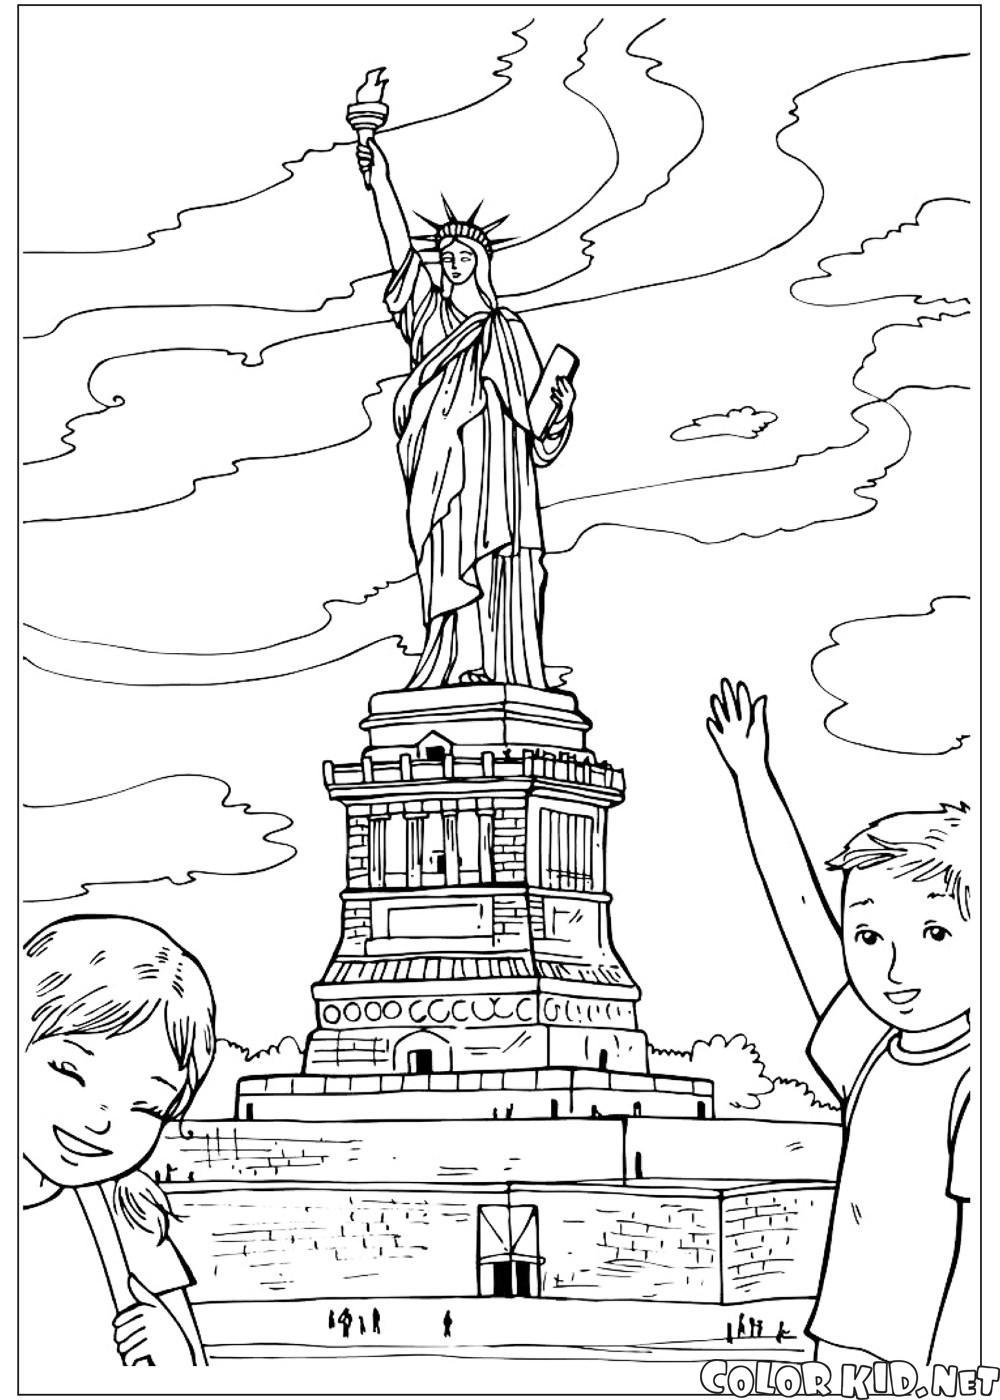 Ecriture Graffiti New York Empire State Building